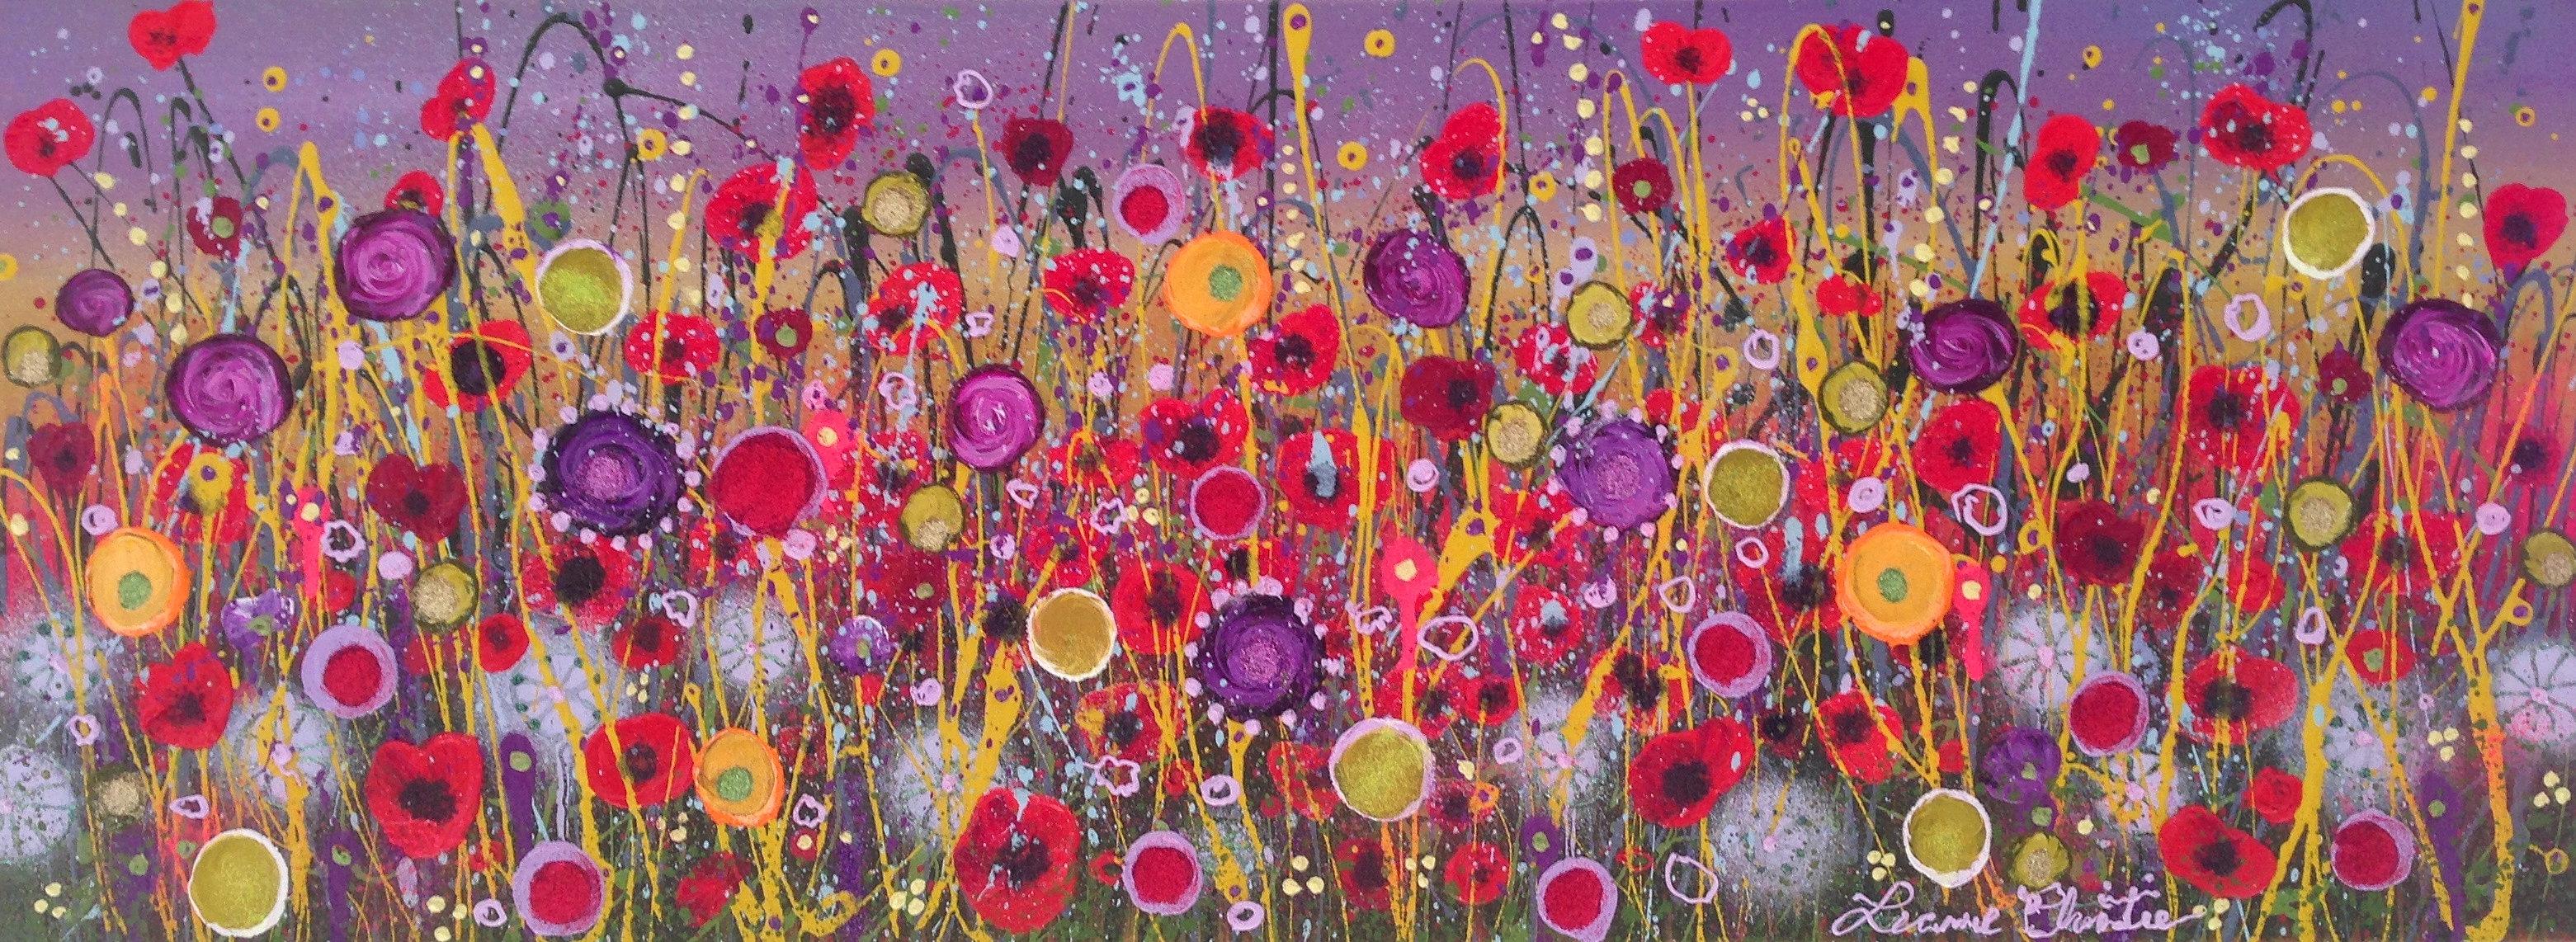 Leanne Christie Devon Flower Artist   Flowers... Wandering Wild And ... Artist